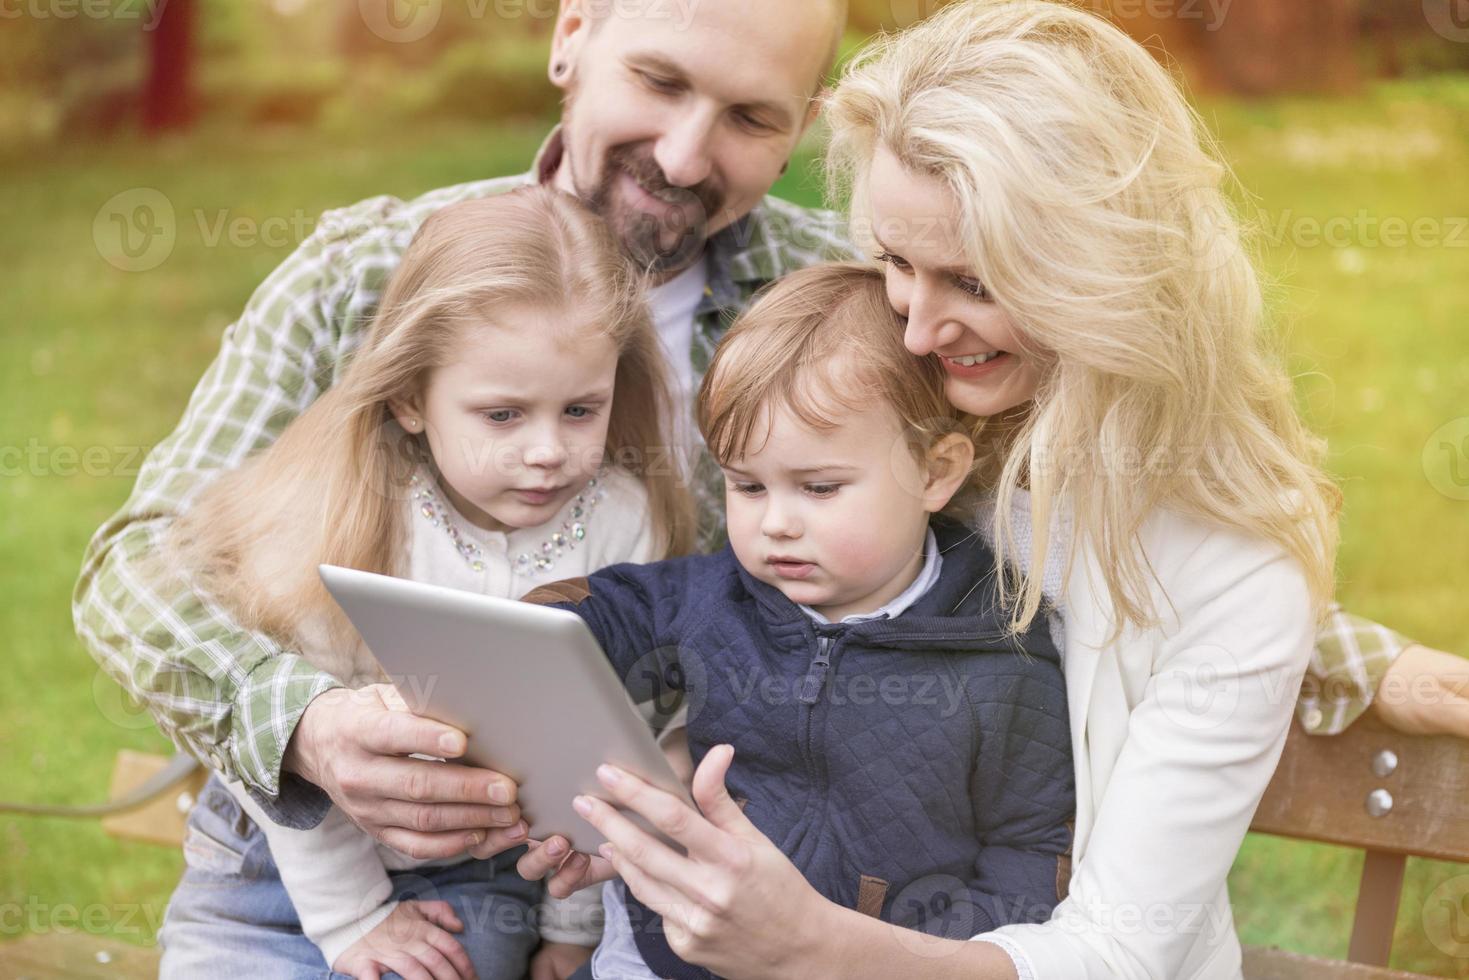 hela familjen njuter av gratis internet foto